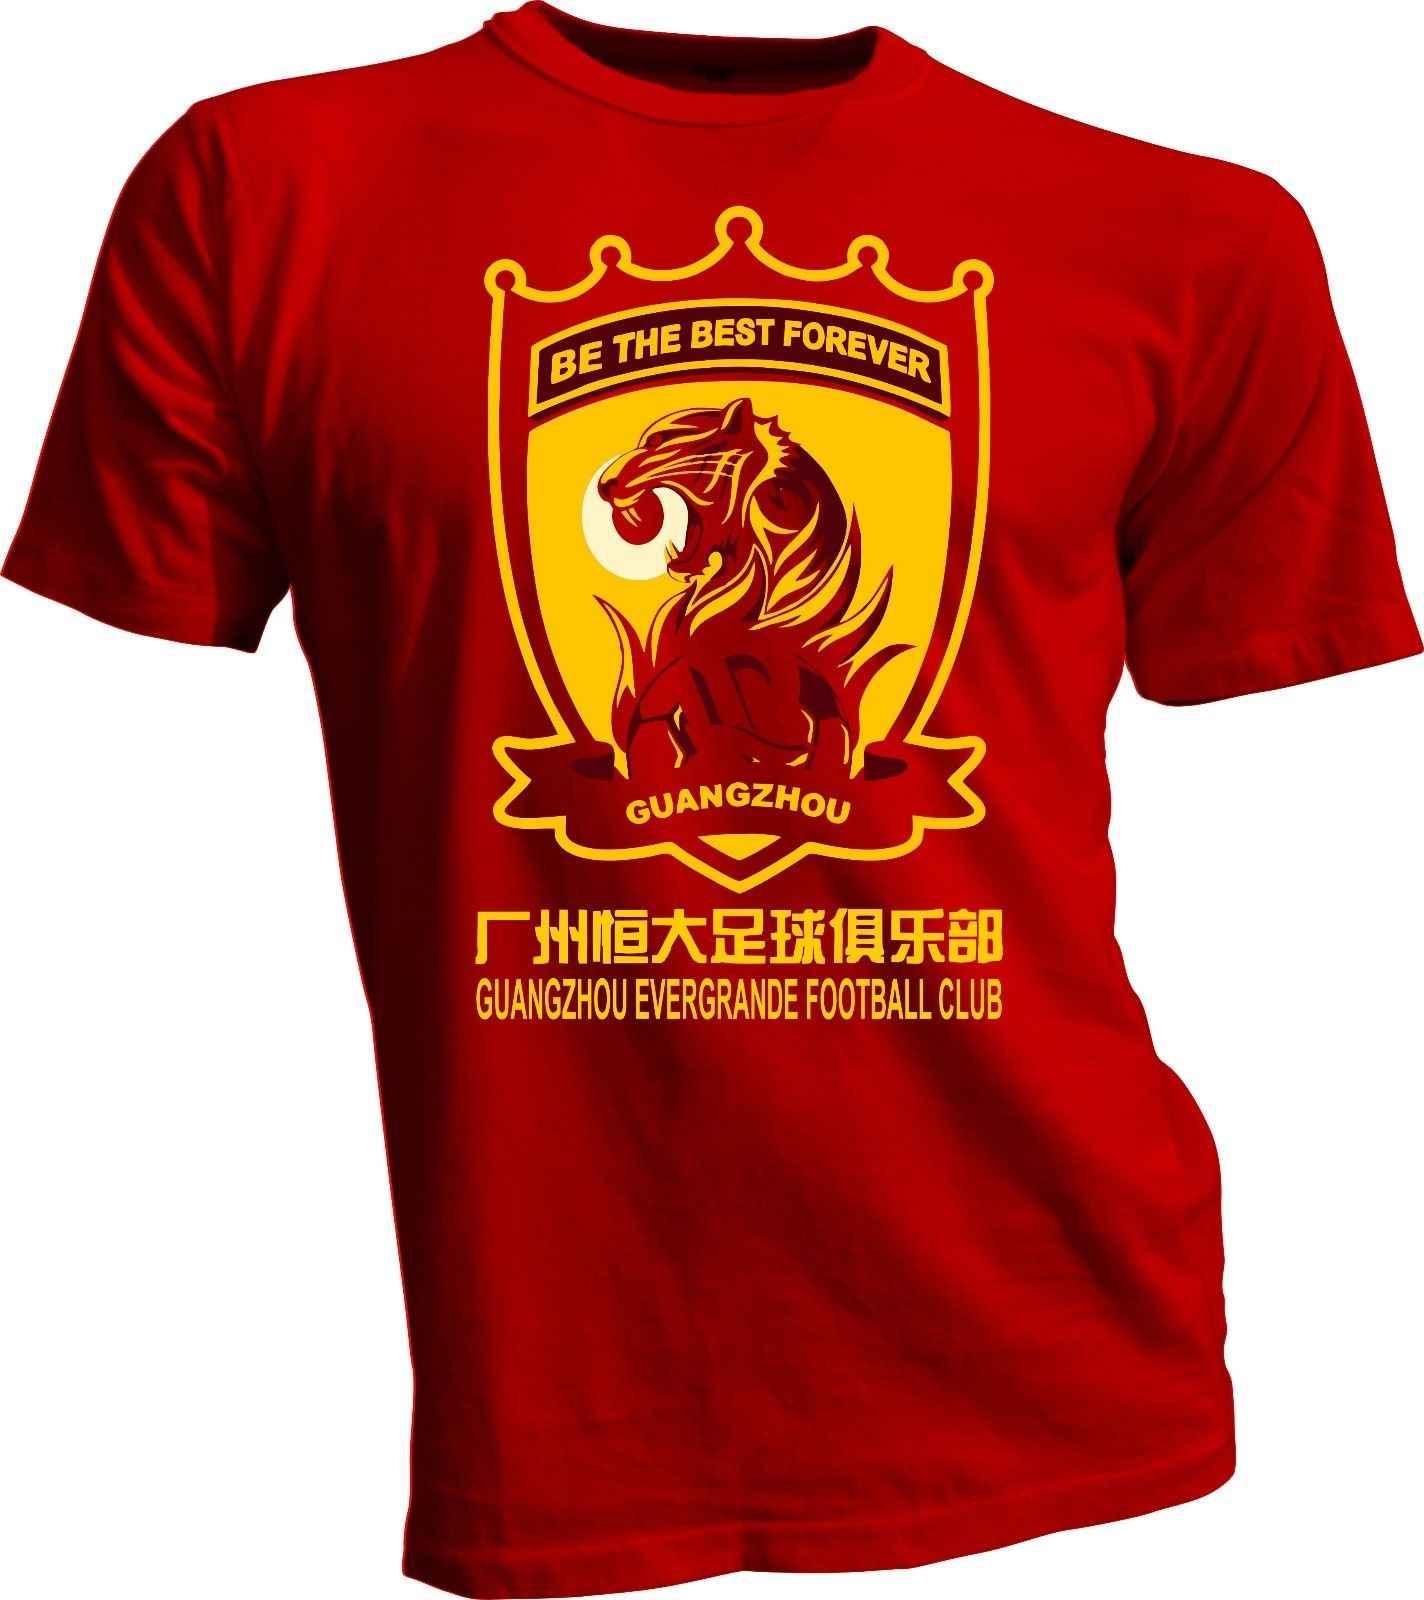 قوانغتشو إيفرغراندي تاوباو الصين CSL كرة القدم كرة القدم الحمراء تي شيرت جديد